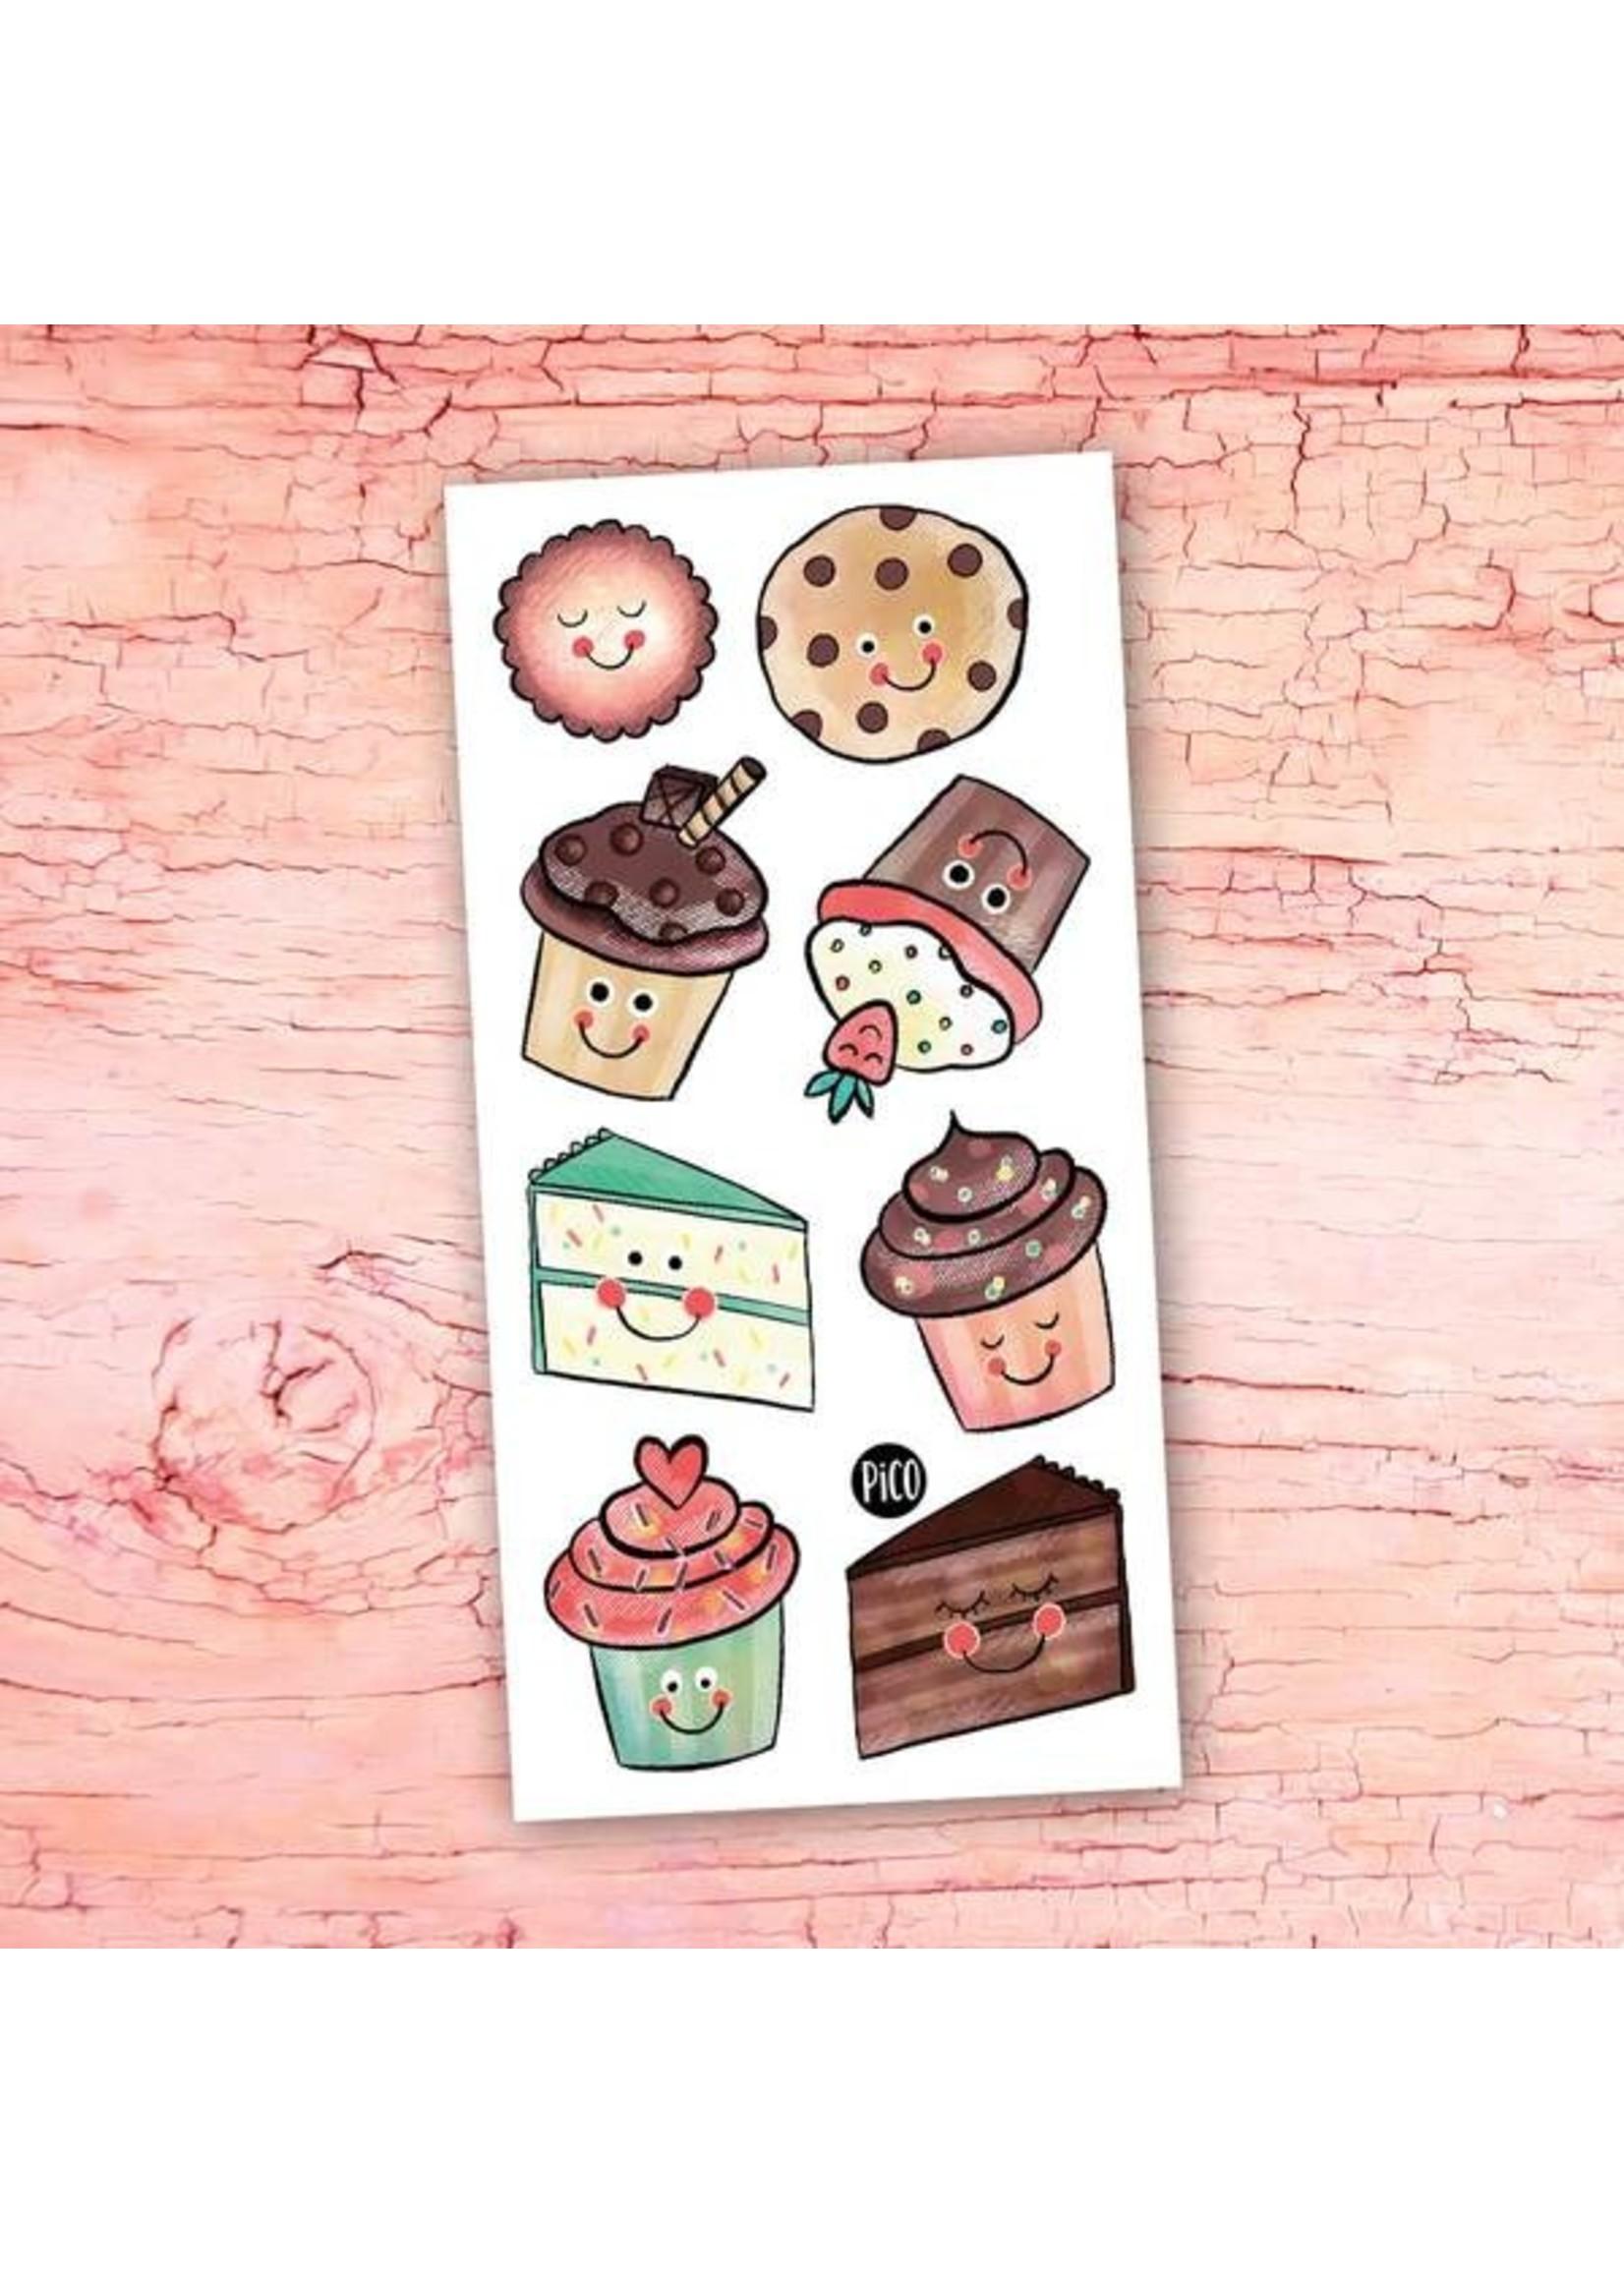 Pico Tatouages temporaires Les petits gâteaux